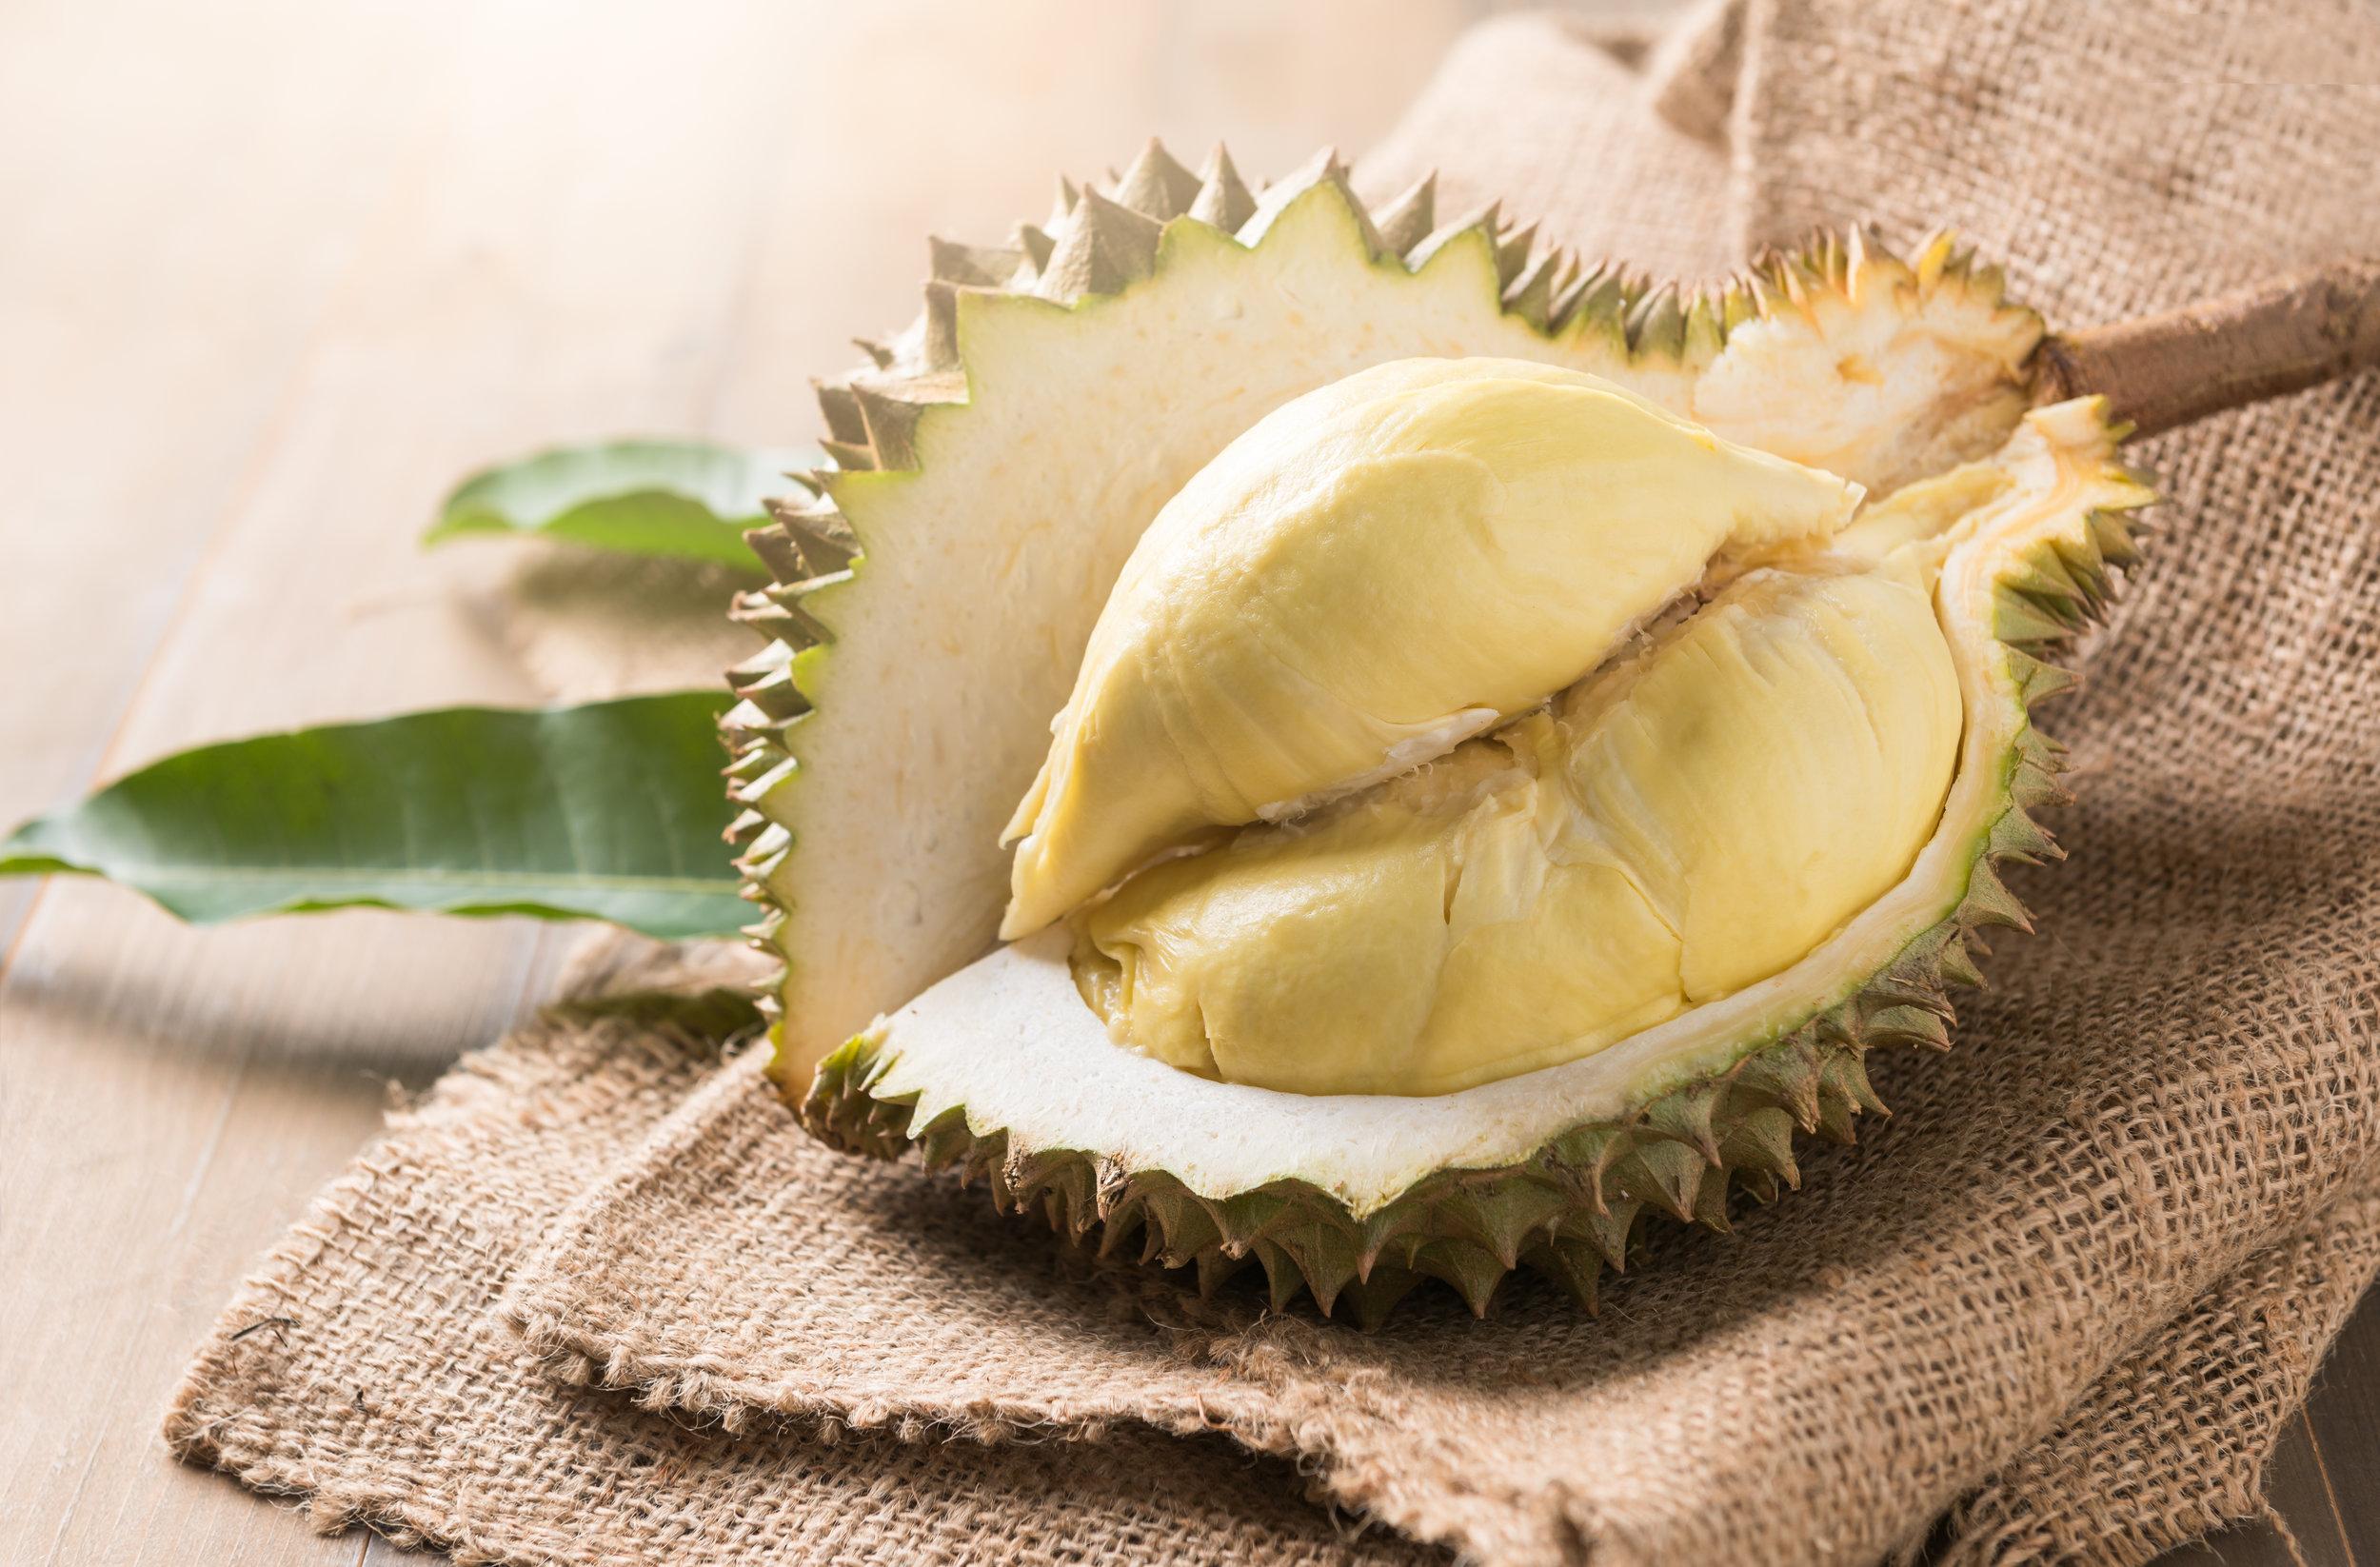 shutterstock_644667934(durian).jpg